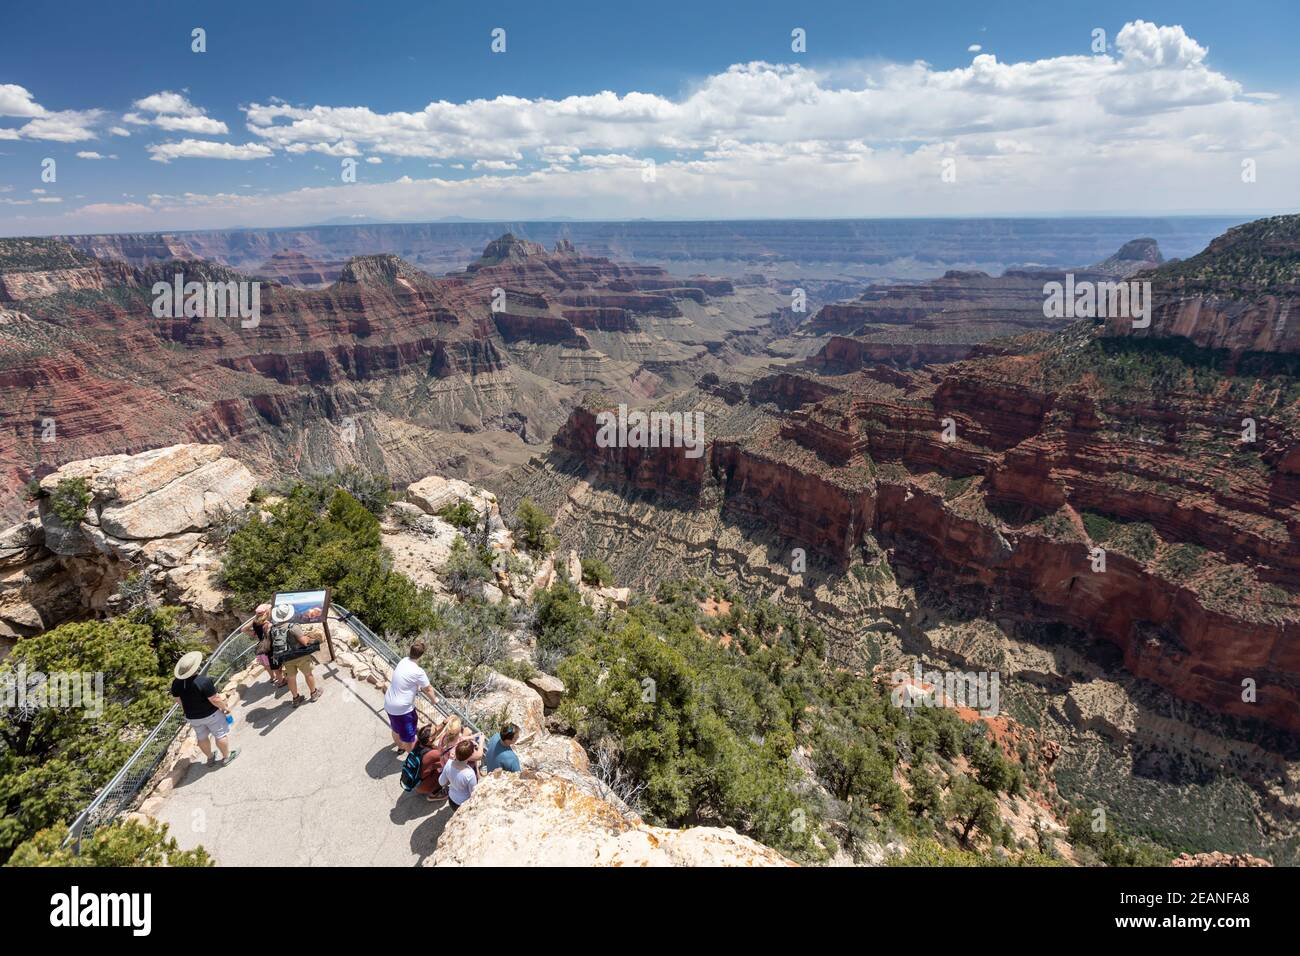 Vue sur la rive nord du parc national du Grand Canyon depuis Bright Angel point, site classé au patrimoine mondial de l'UNESCO, Arizona, États-Unis d'Amérique Banque D'Images